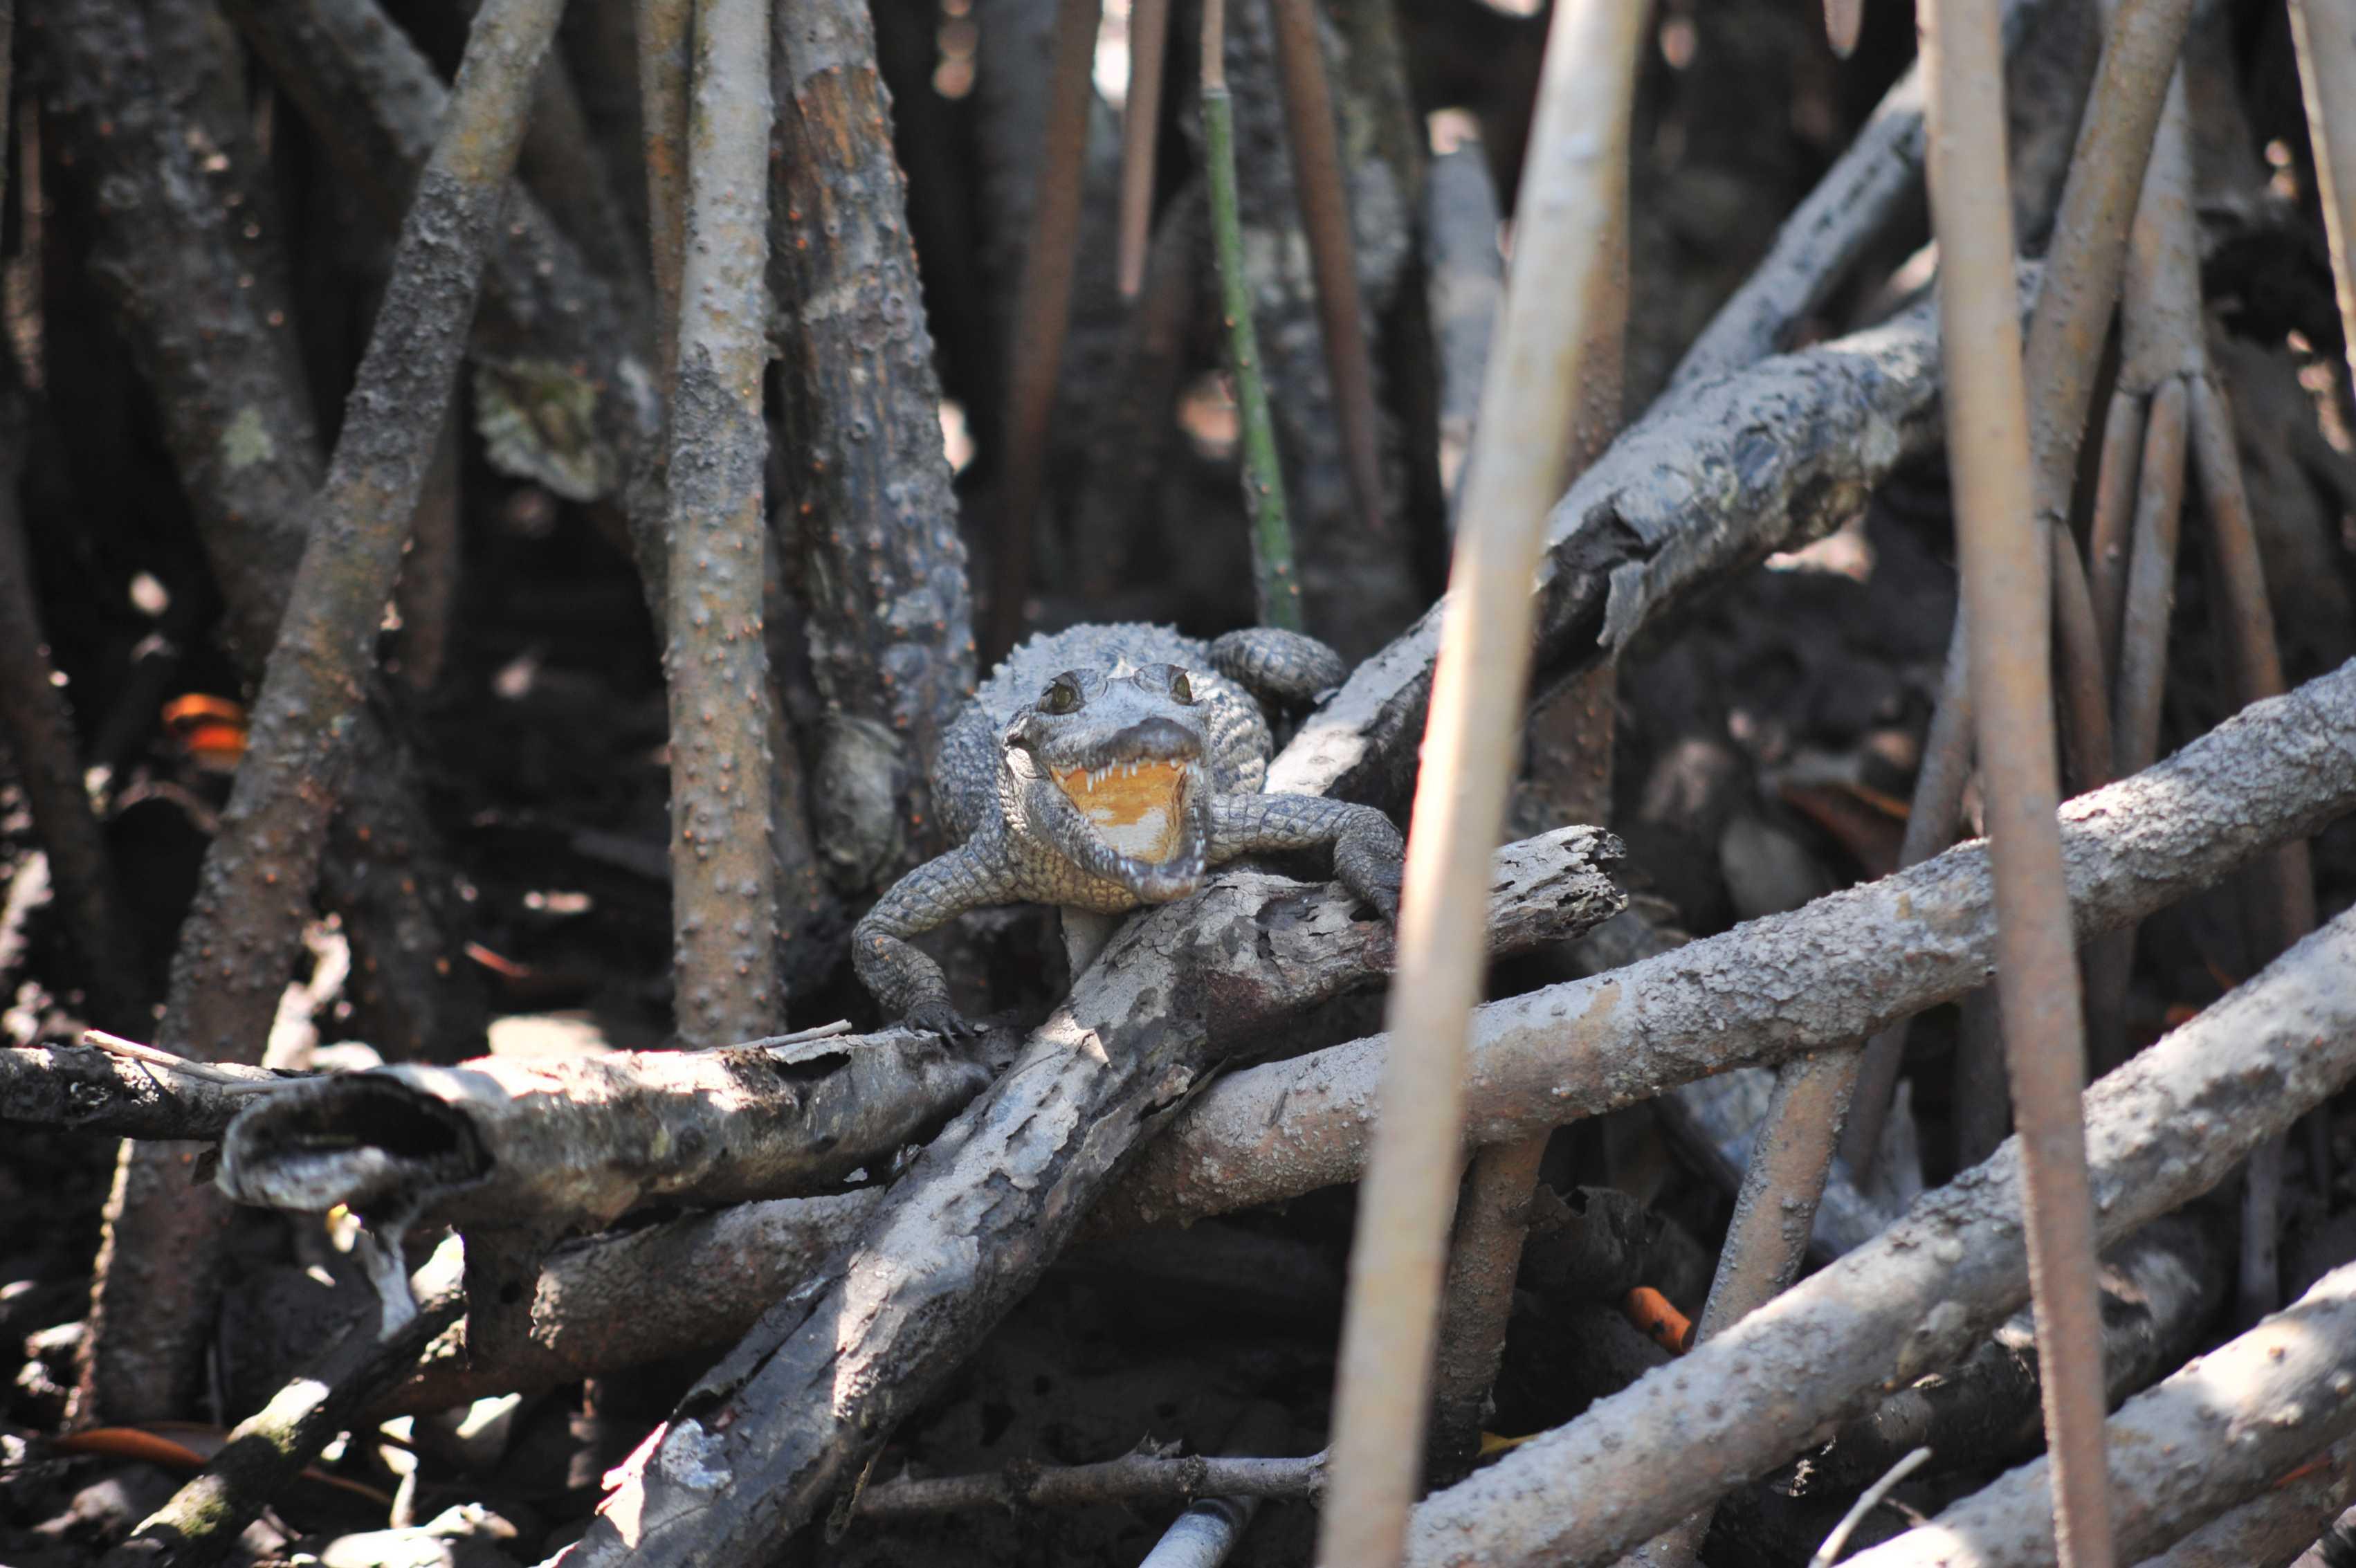 Small crocodile in Estero el Salado, Puerto Vallarta